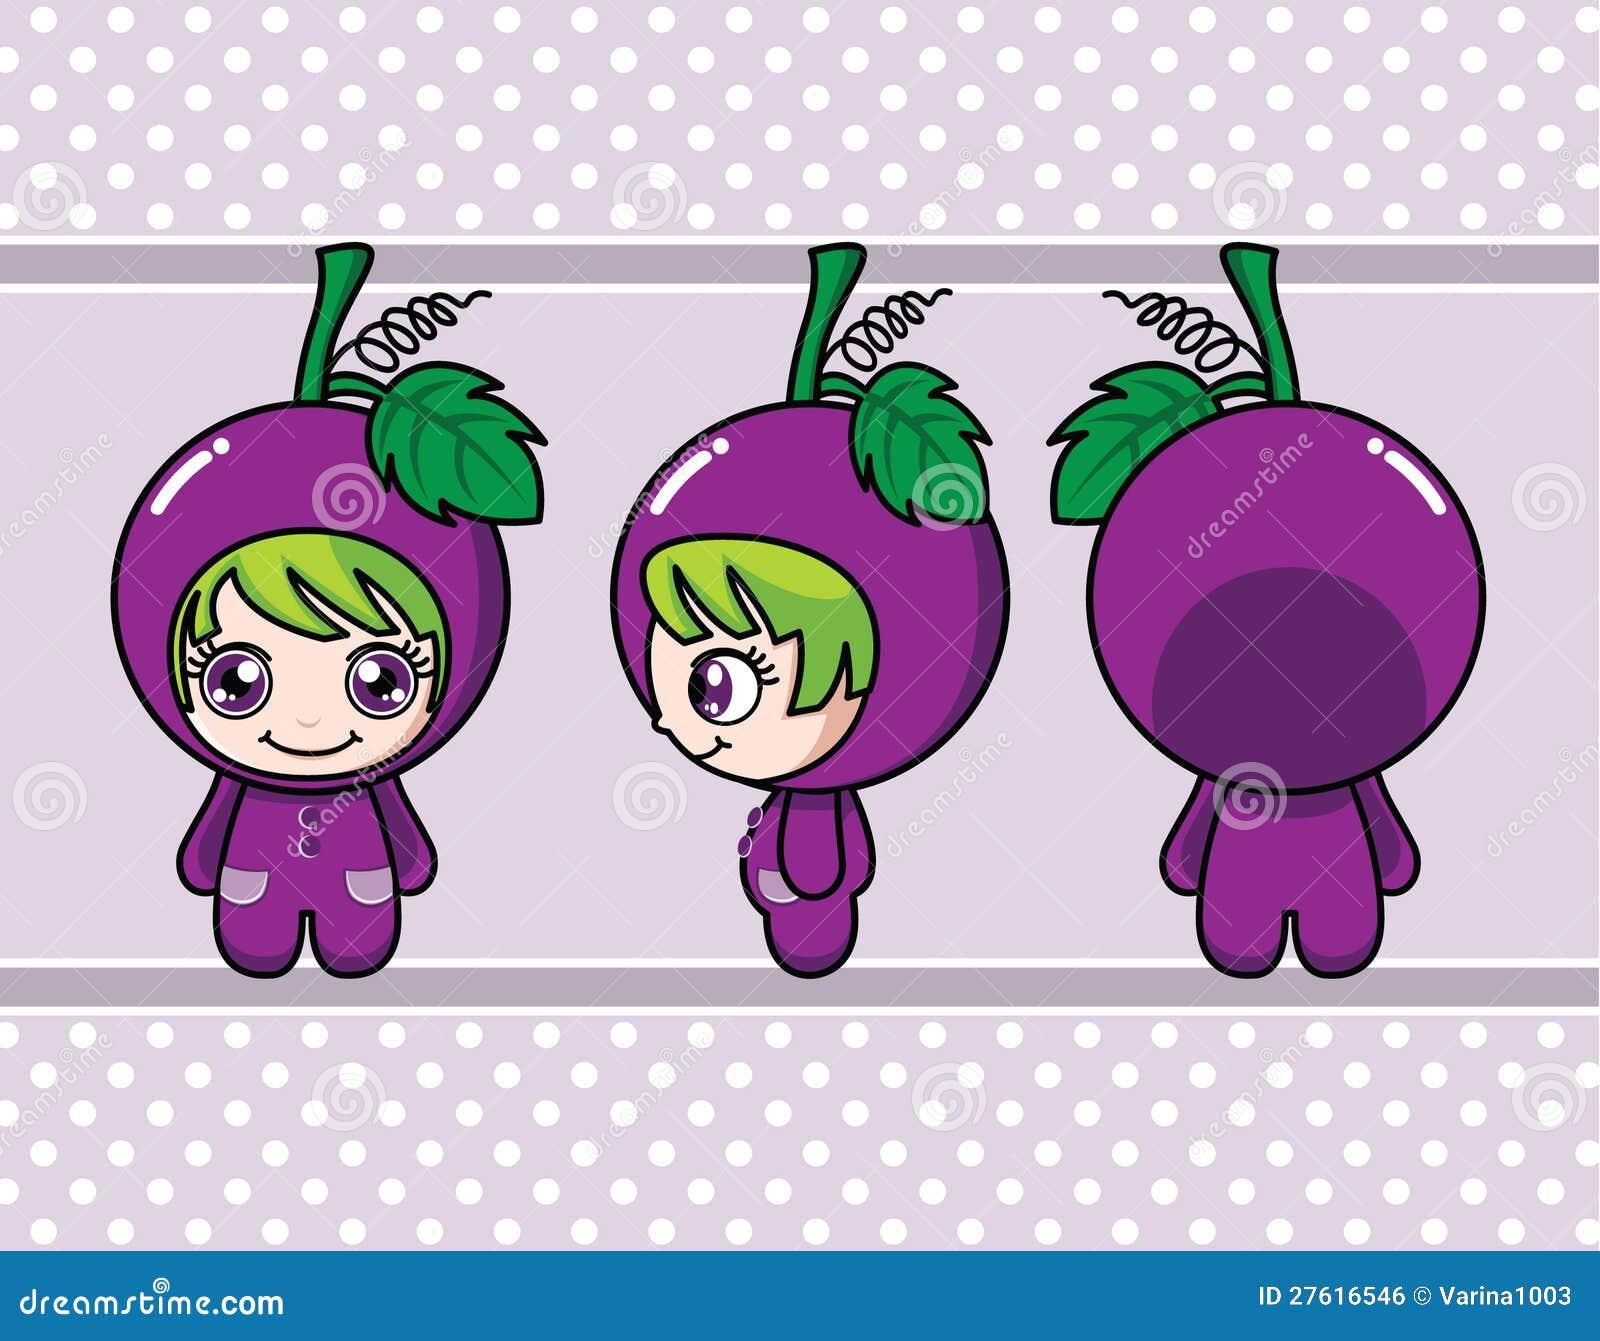 统一水晶葡萄_紫色葡萄单词-紫色葡萄慈父心阅读答案-紫色的葡萄像什么-冰 ...